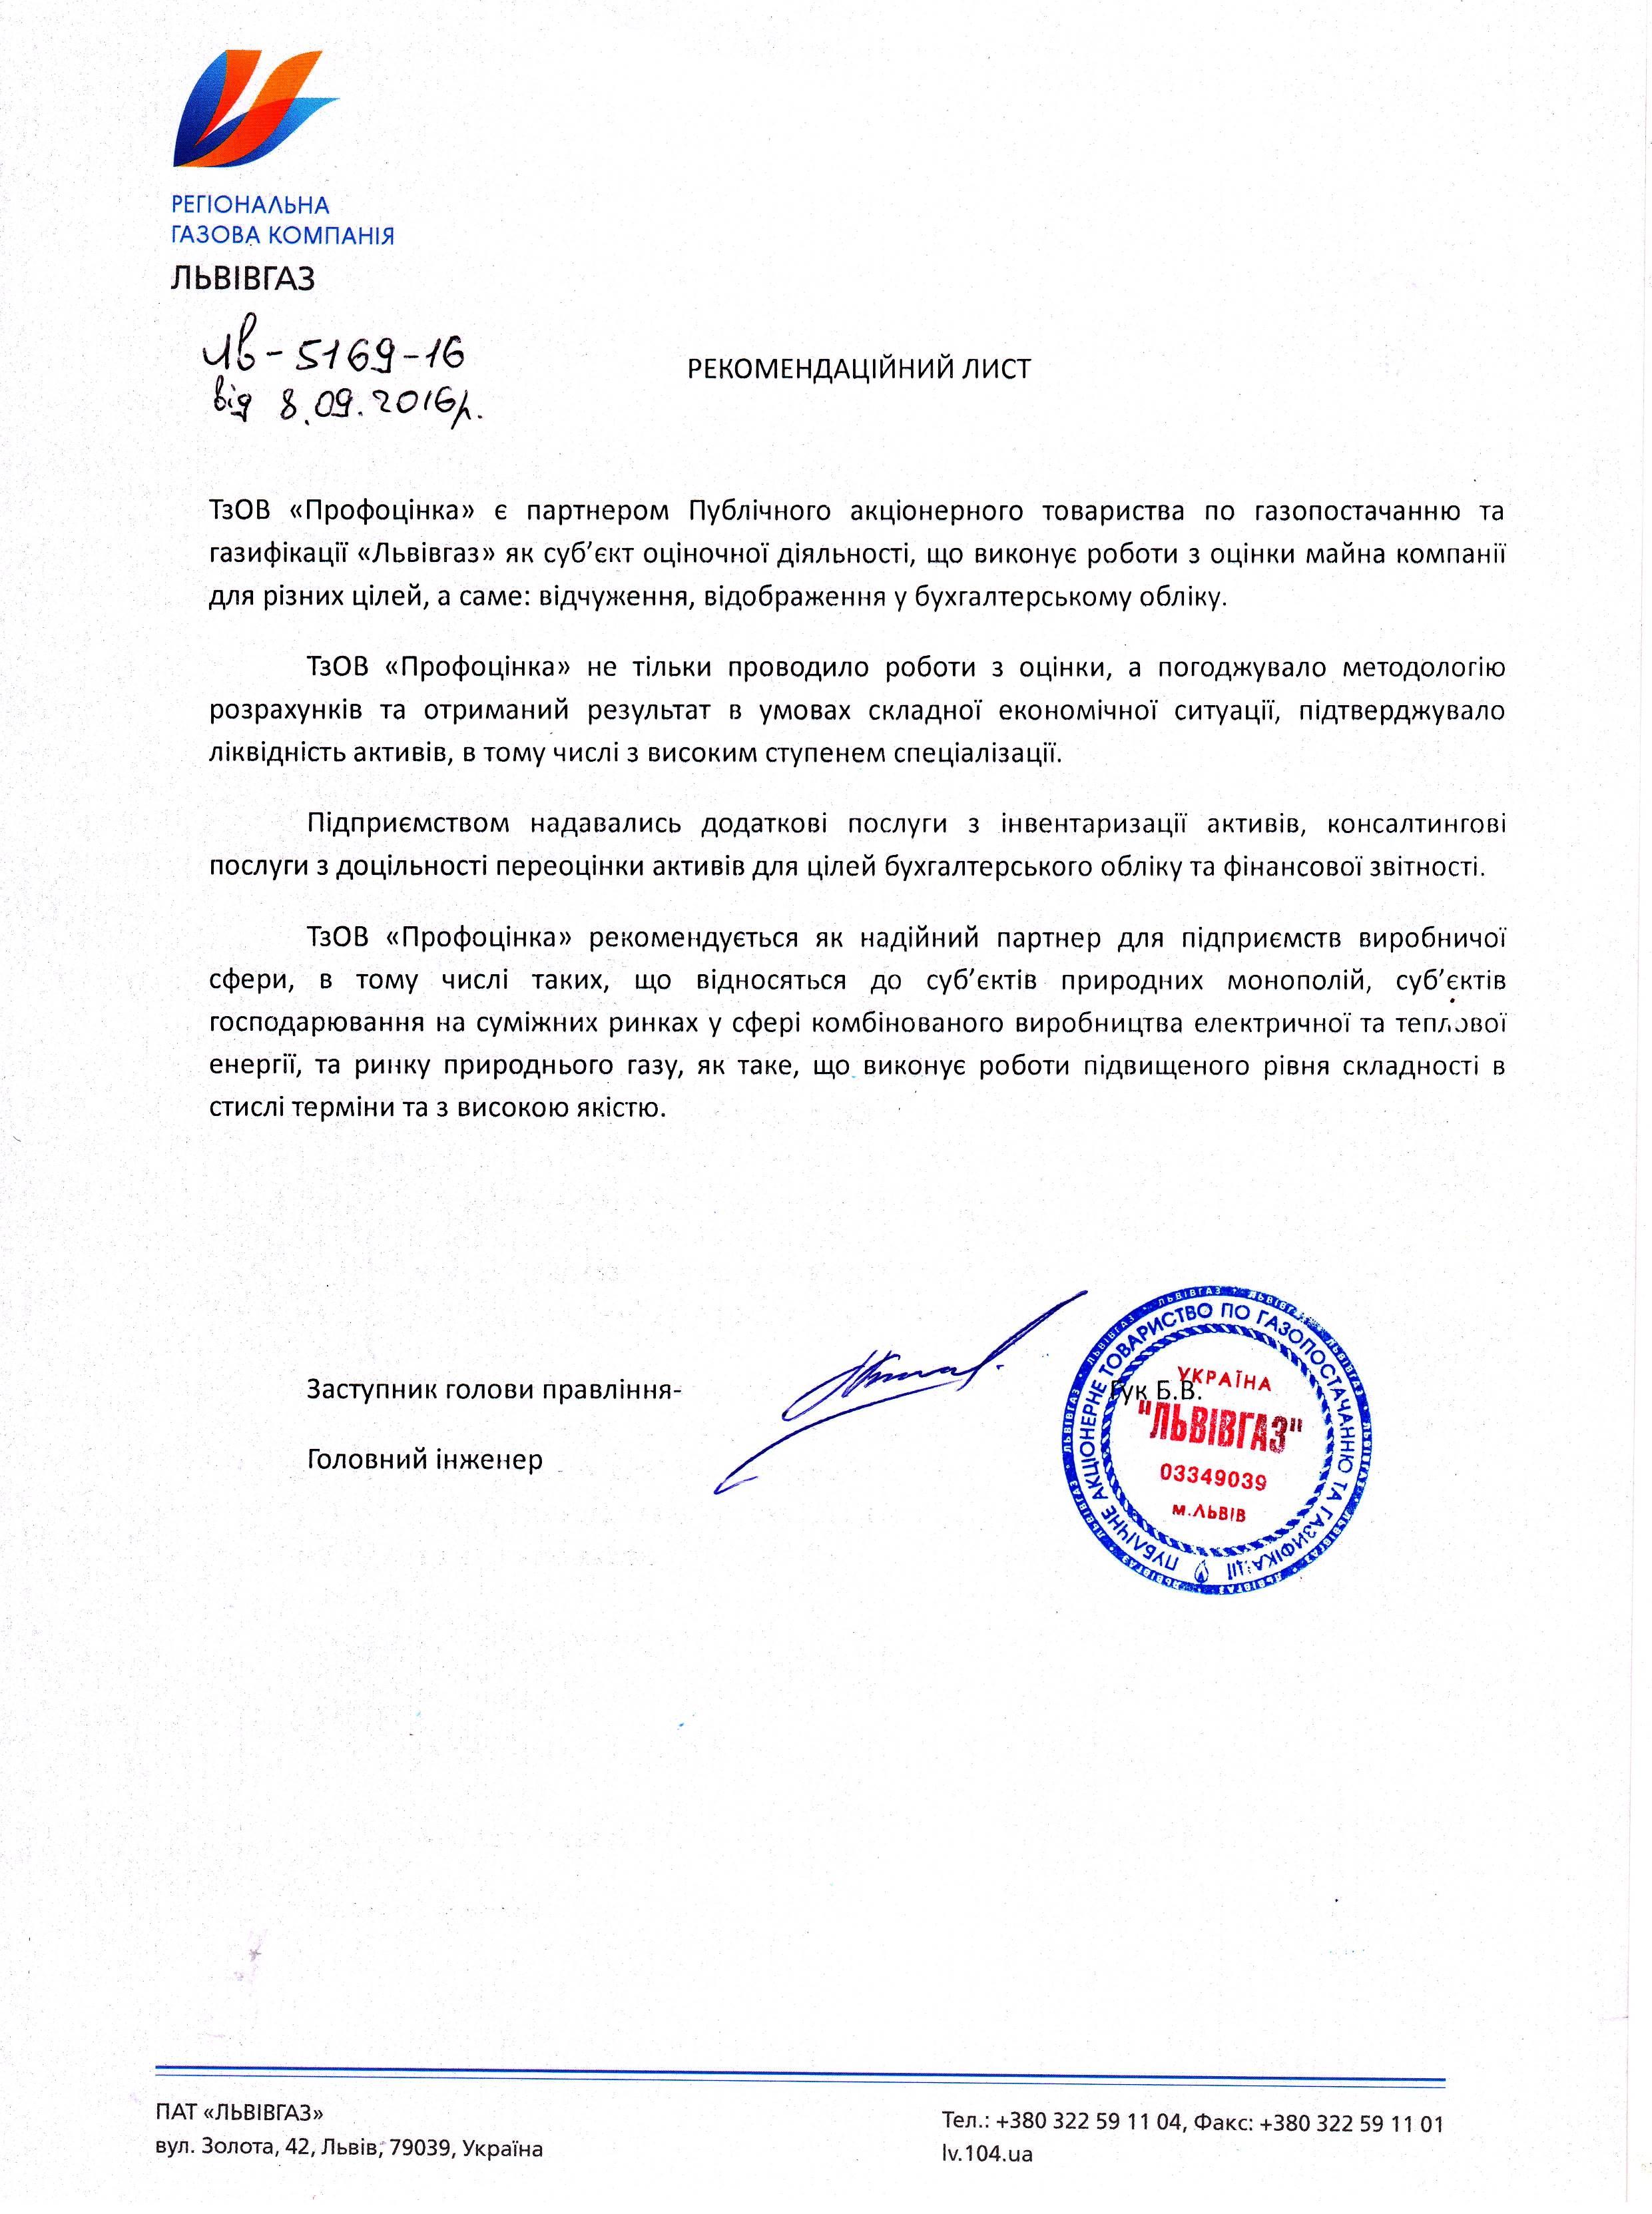 Рекомендація від ПАТ ЛЬВІВГАЗ